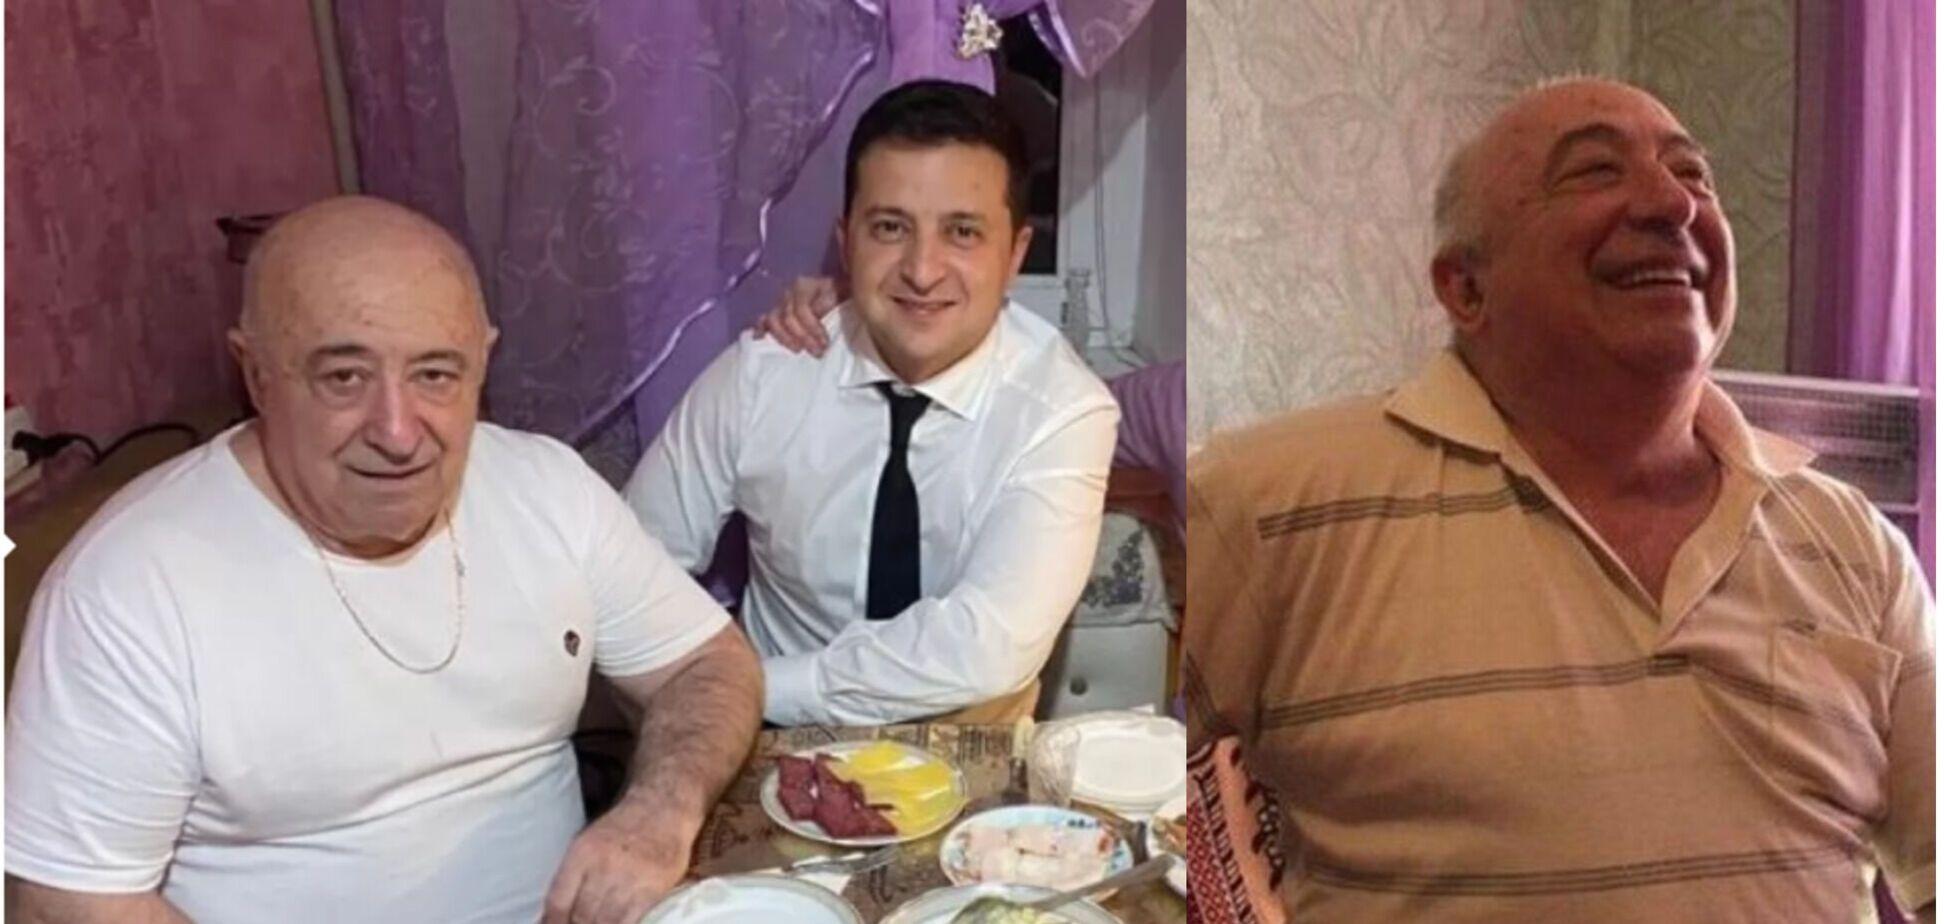 Зеленский-старший завел Instagram: о чем пишет отец президента Украины. Фото